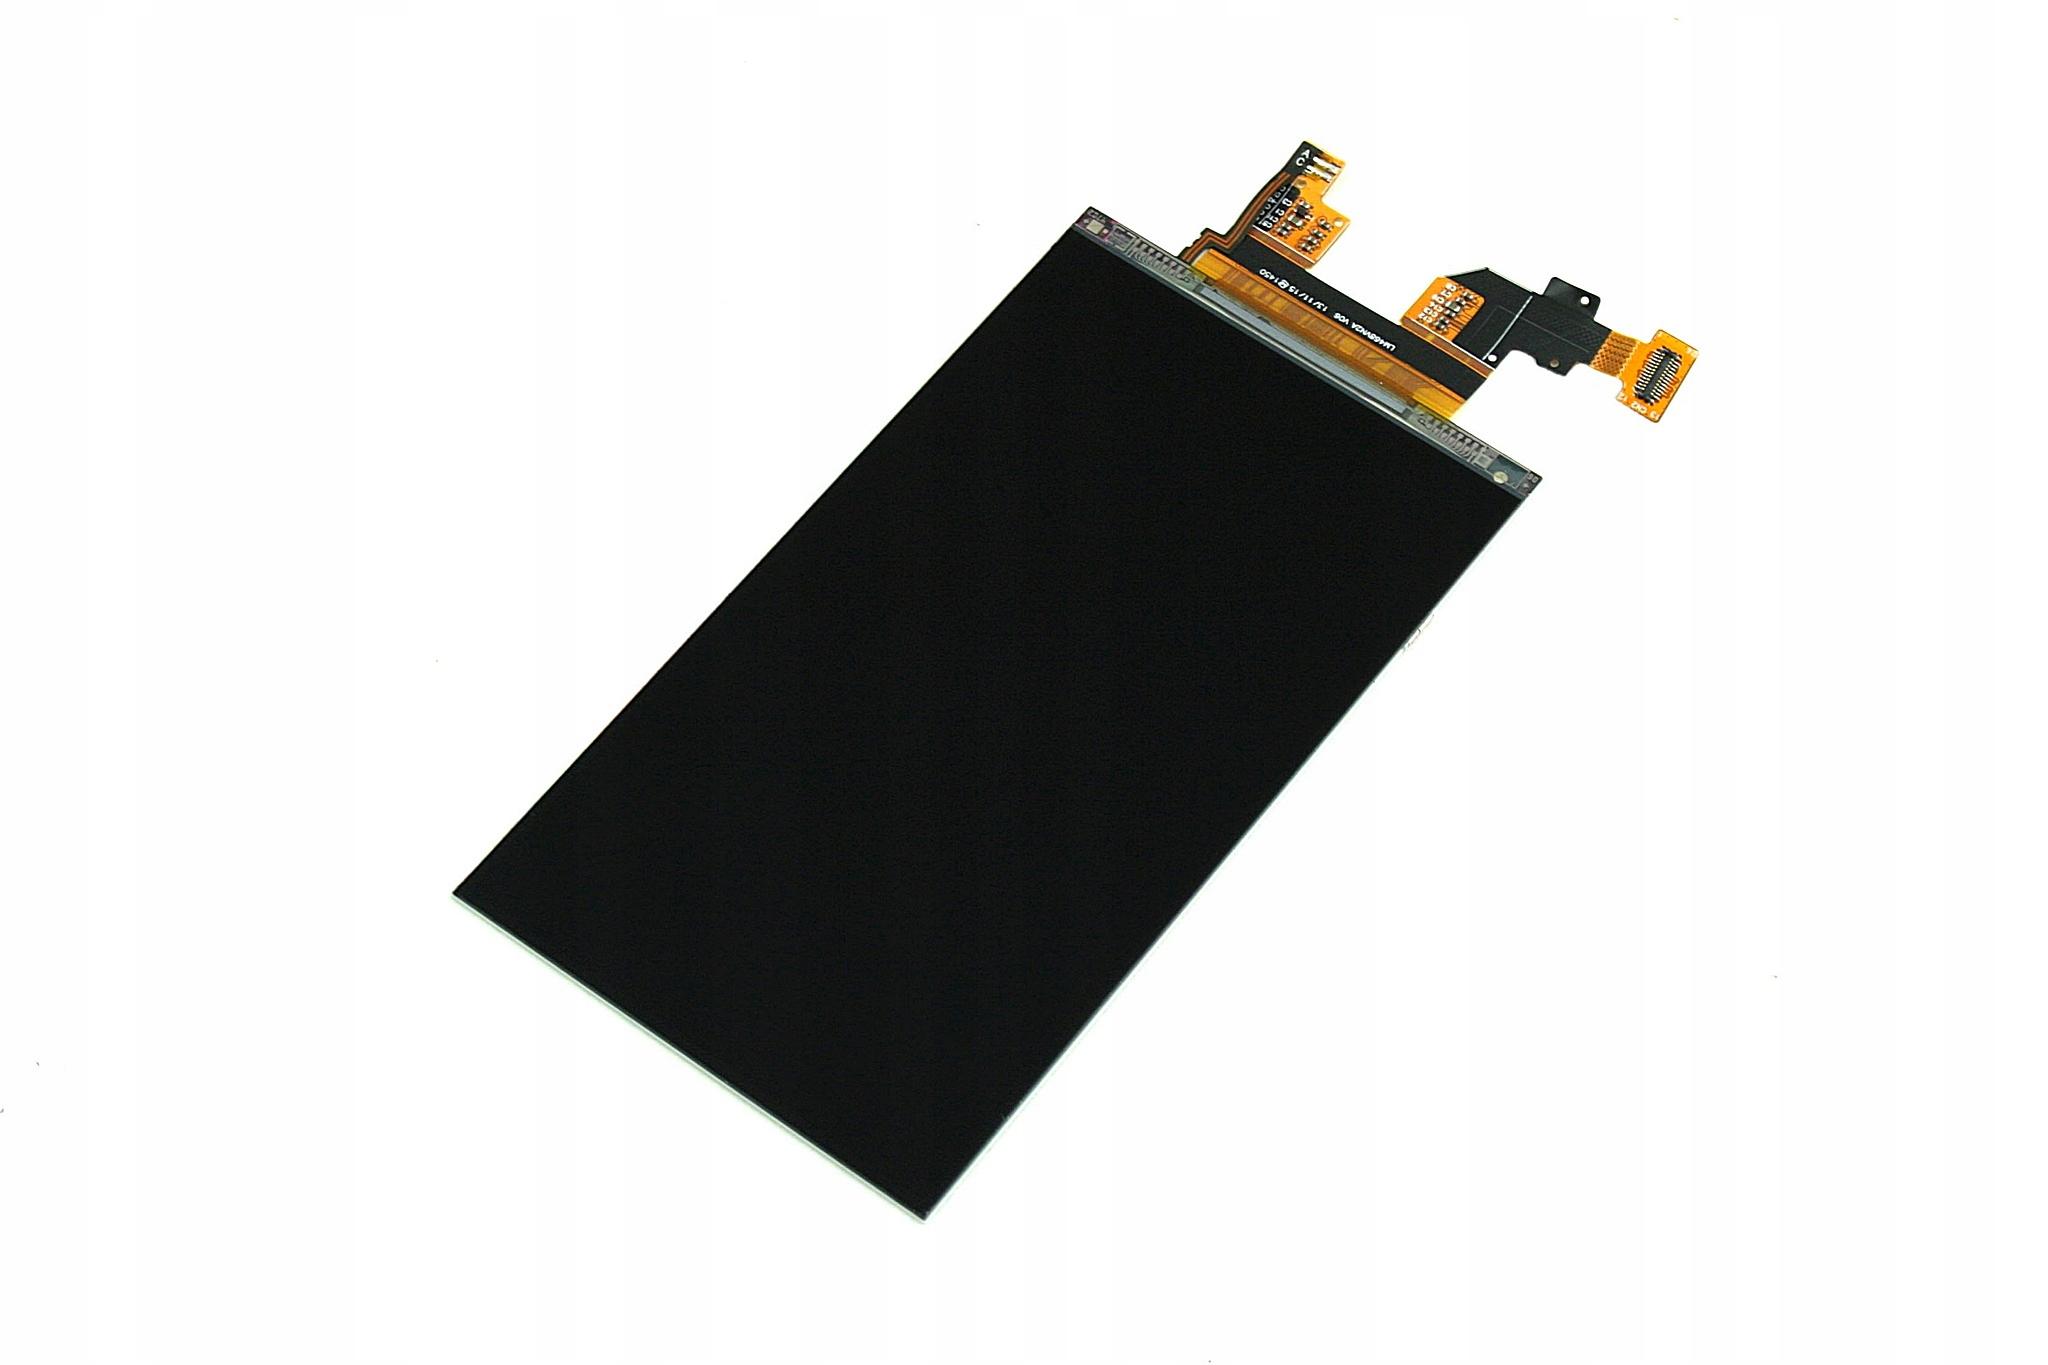 WYŚWIETLACZ EKRAN LCD LG L90 D405 D405N D410 - Wyświetlacze do telefonów